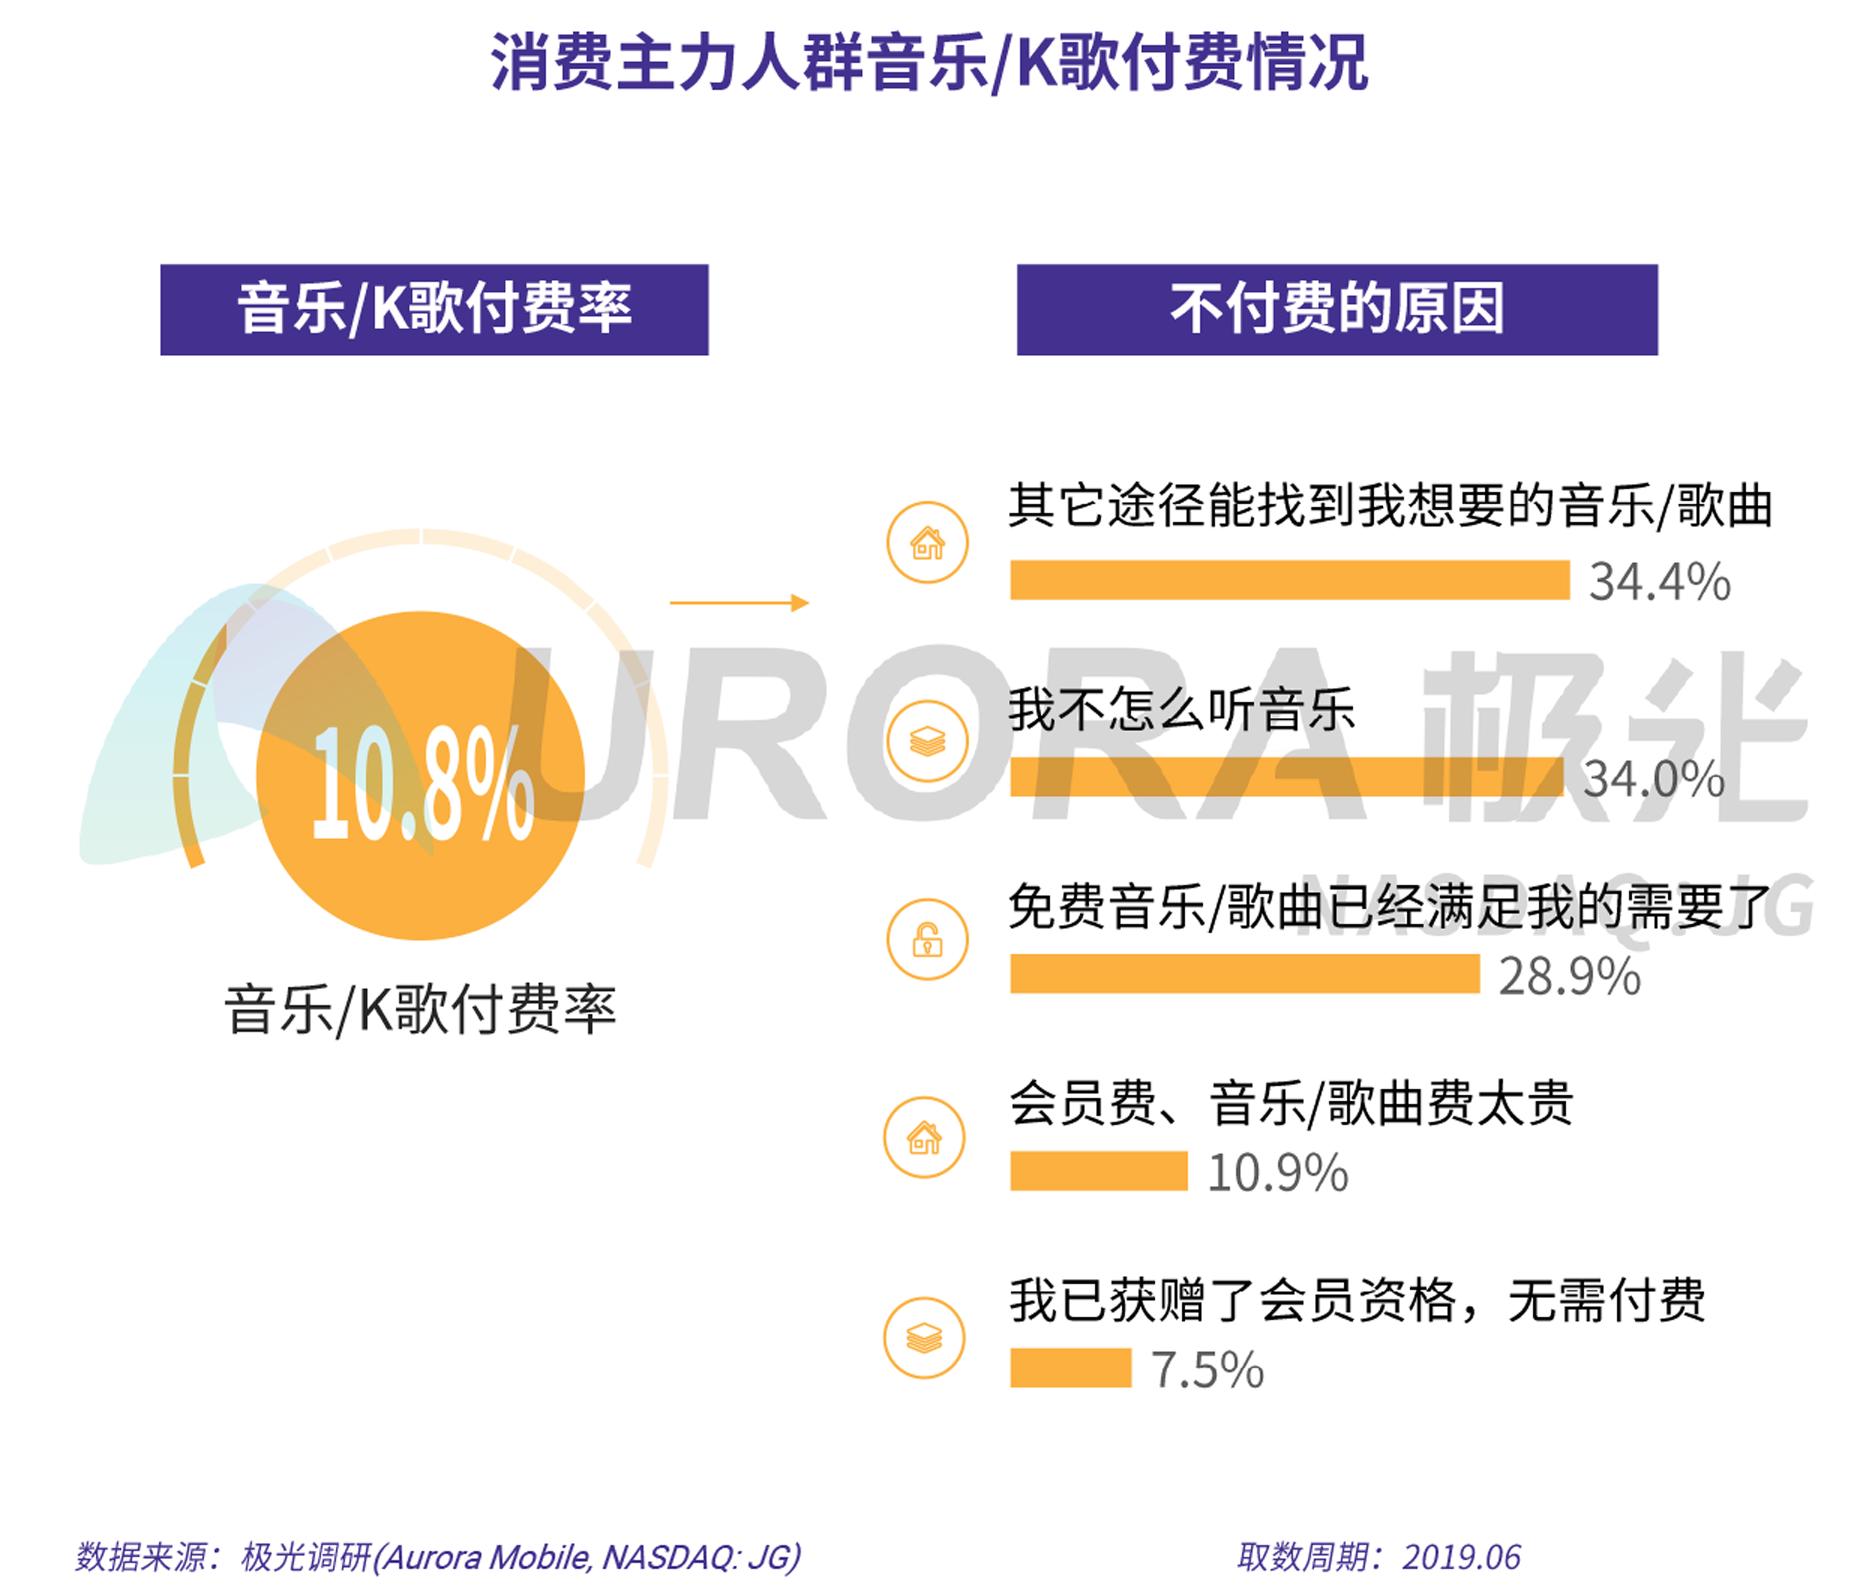 2019年消费主力人群虚拟产品付费研究报告-V5-13.png